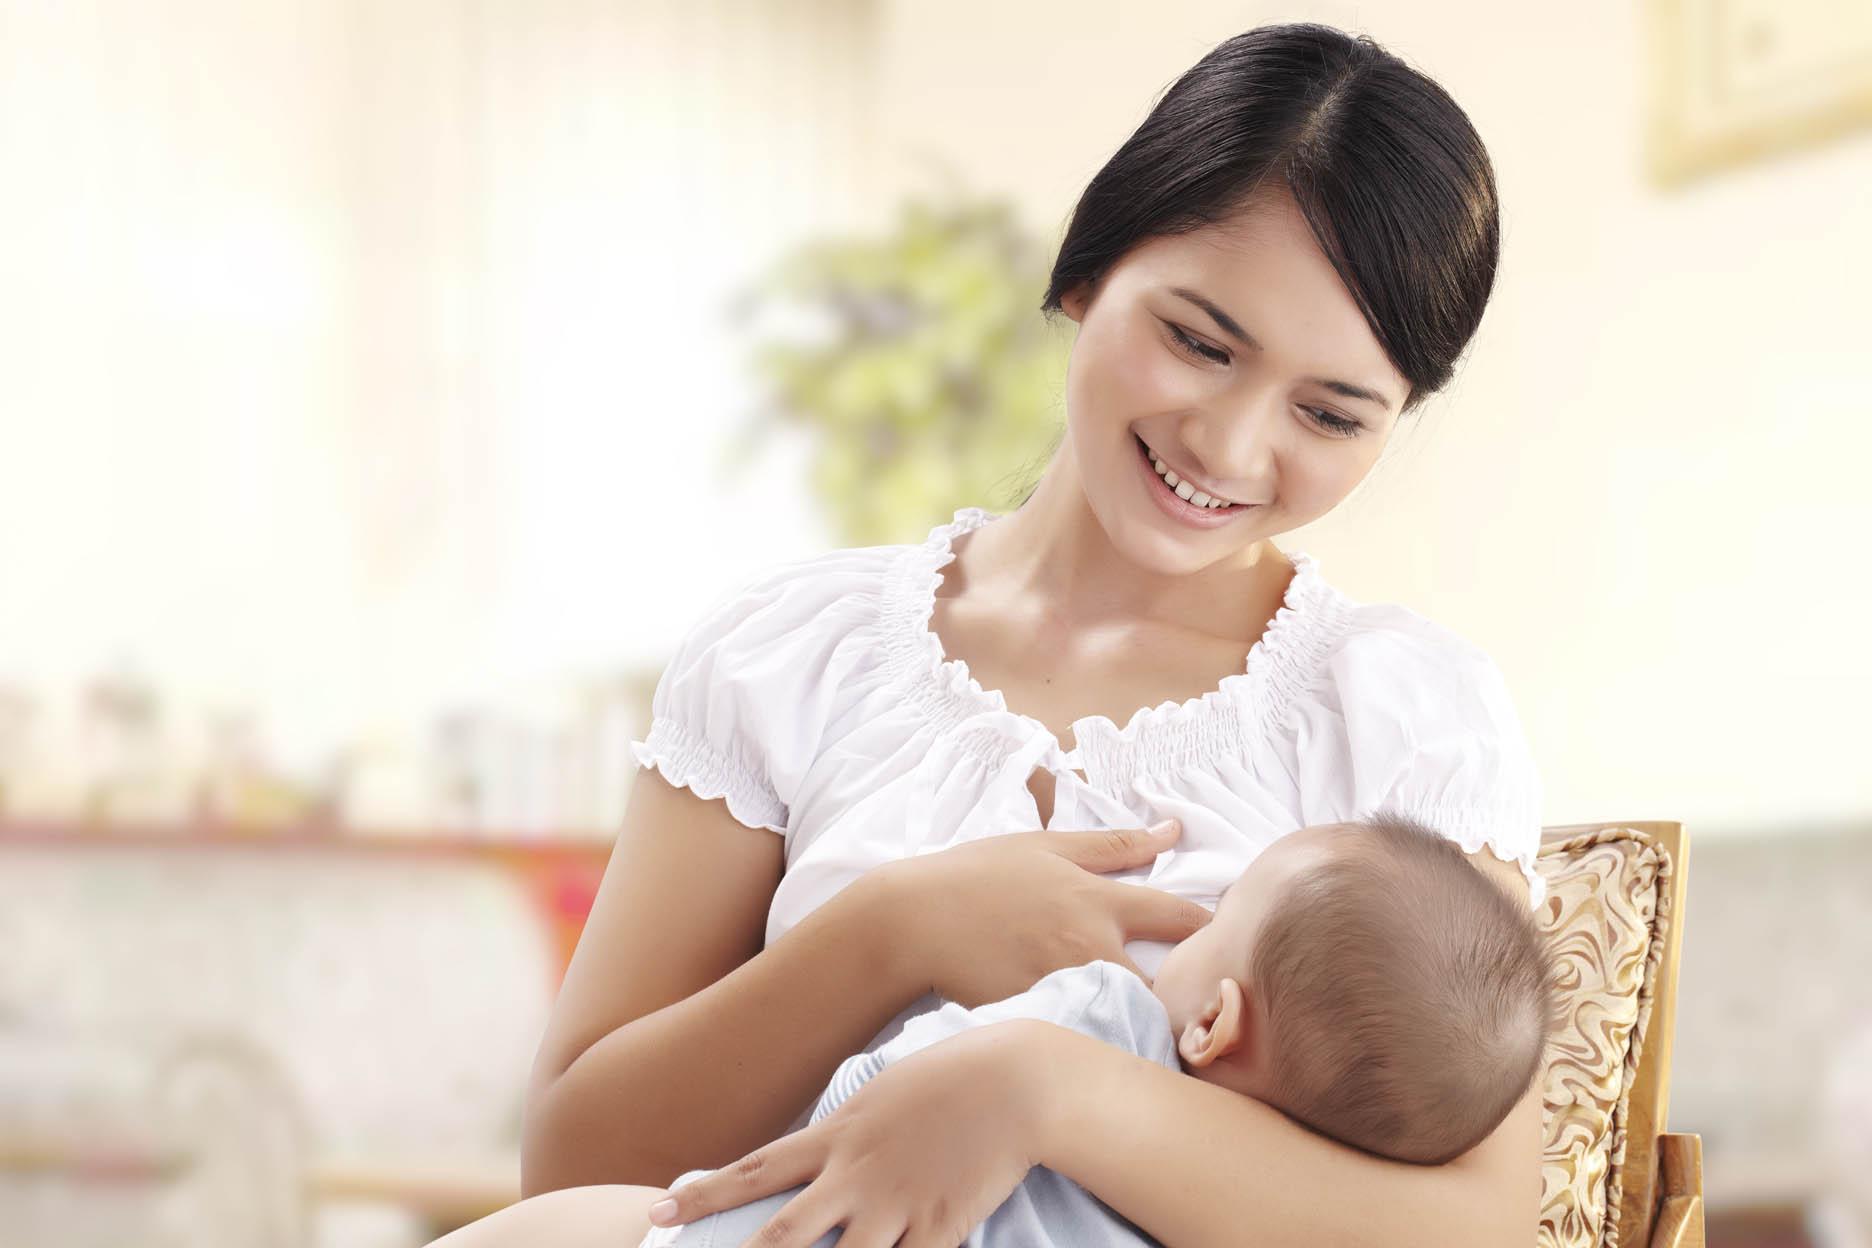 Manfaat Susu ASI Eksklusif Untuk Bayi, Dapat Menyehatkan Si Kecil